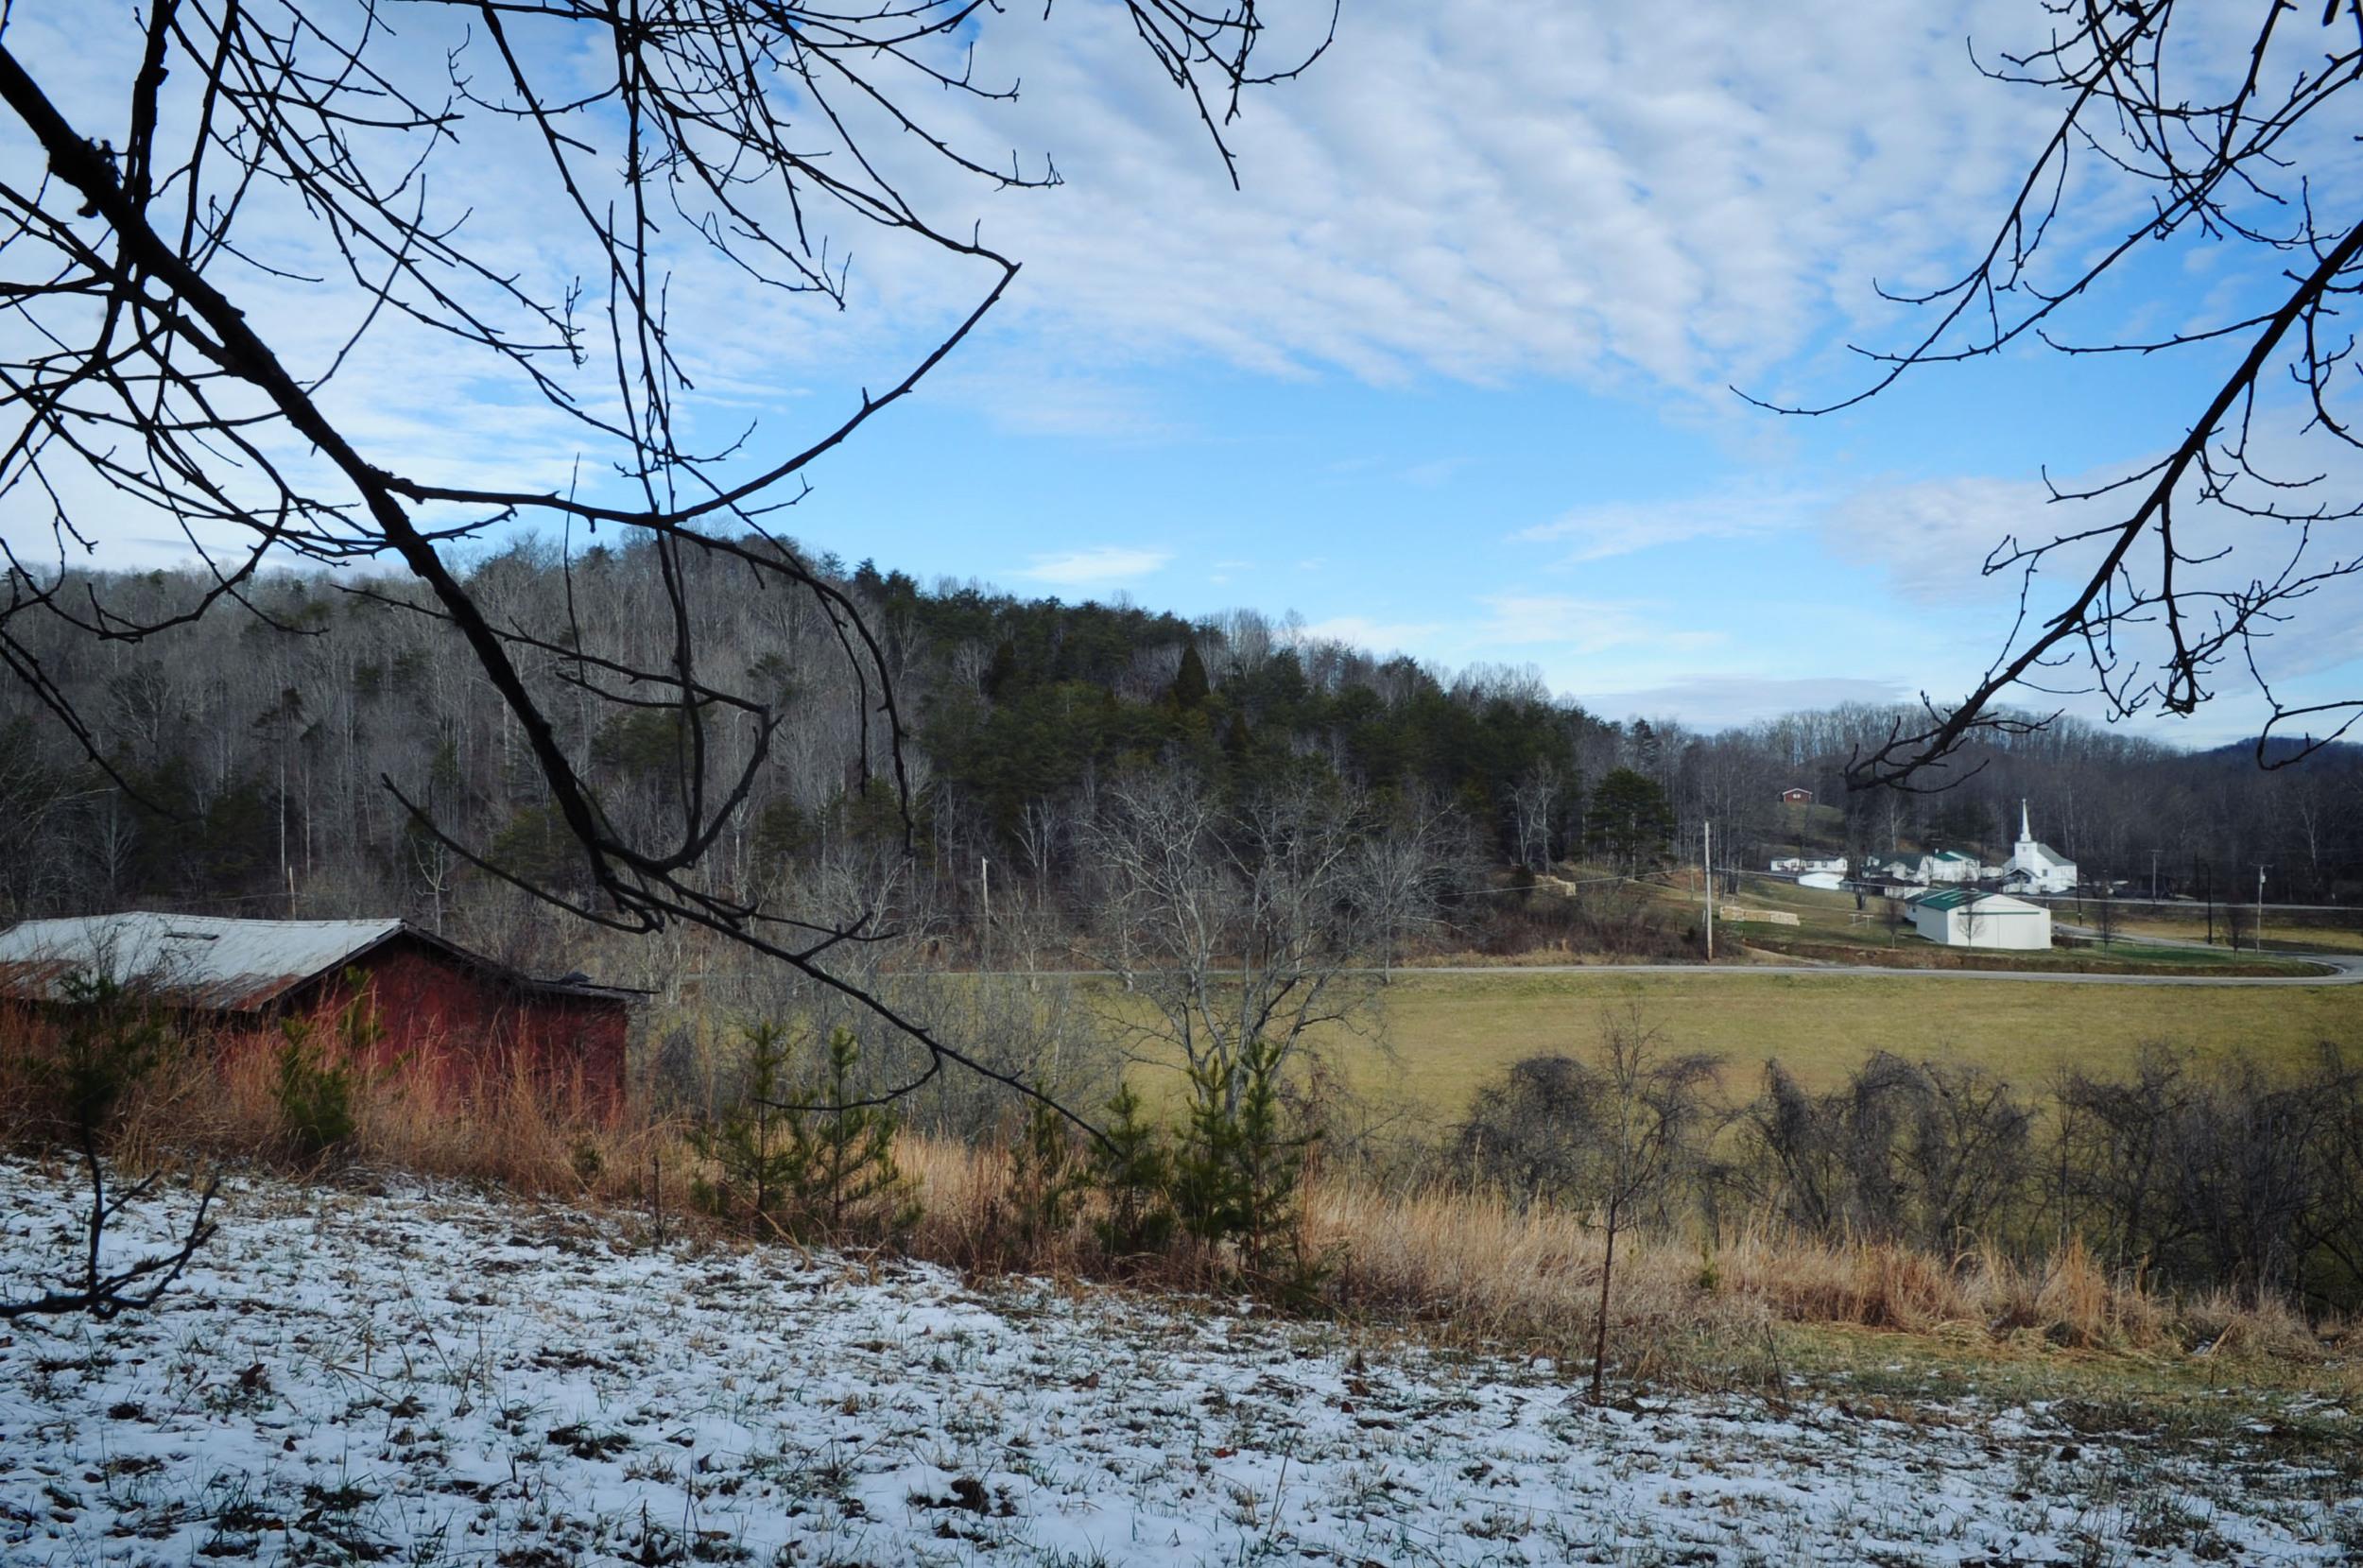 my grandparents farm in West Virginia